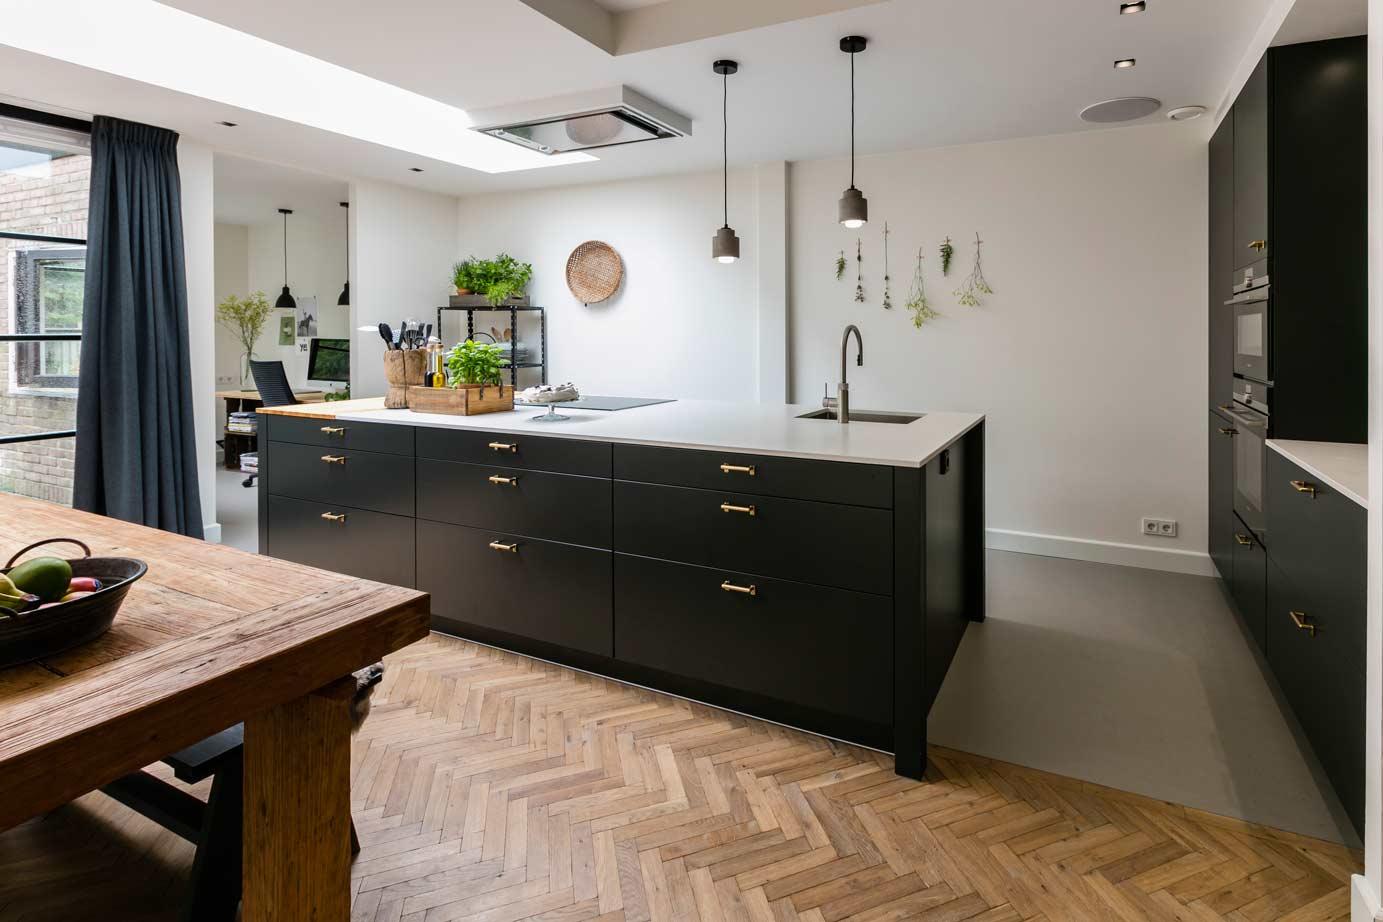 Mat Zwarte Keuken : Zwarte keukens in elke stijl budget en opstelling adee